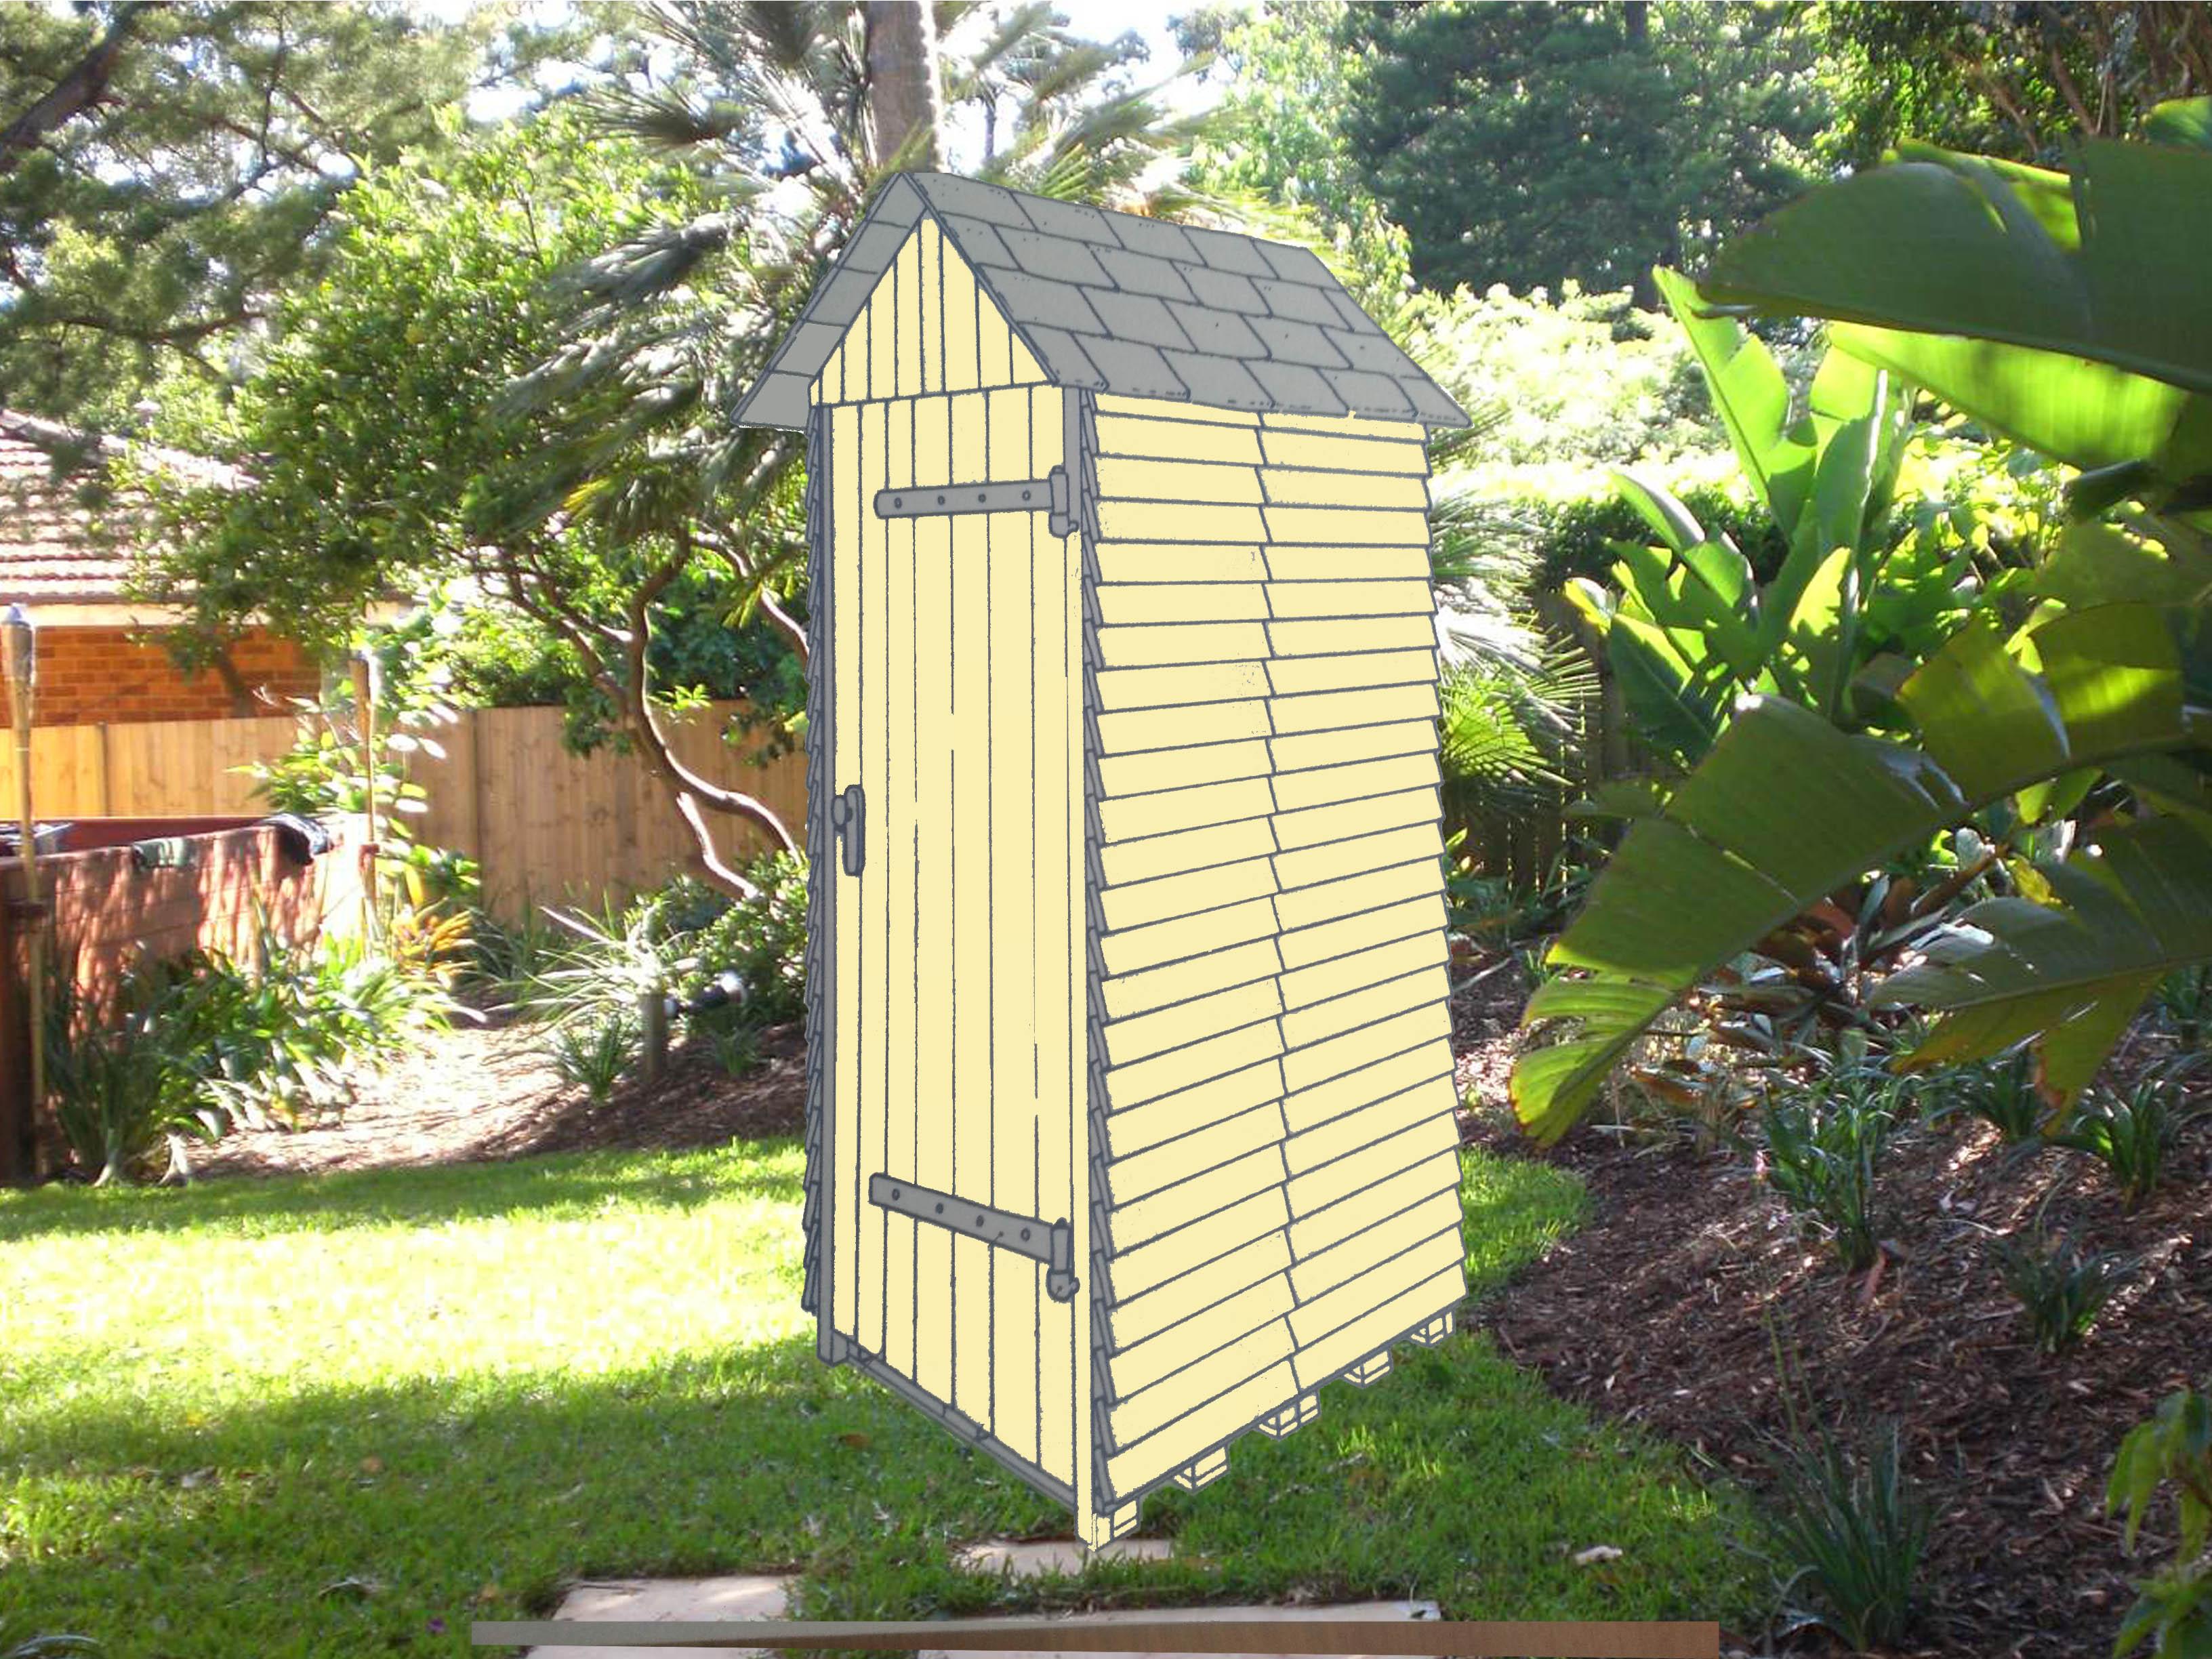 Construire une cabane de jardin pas cher